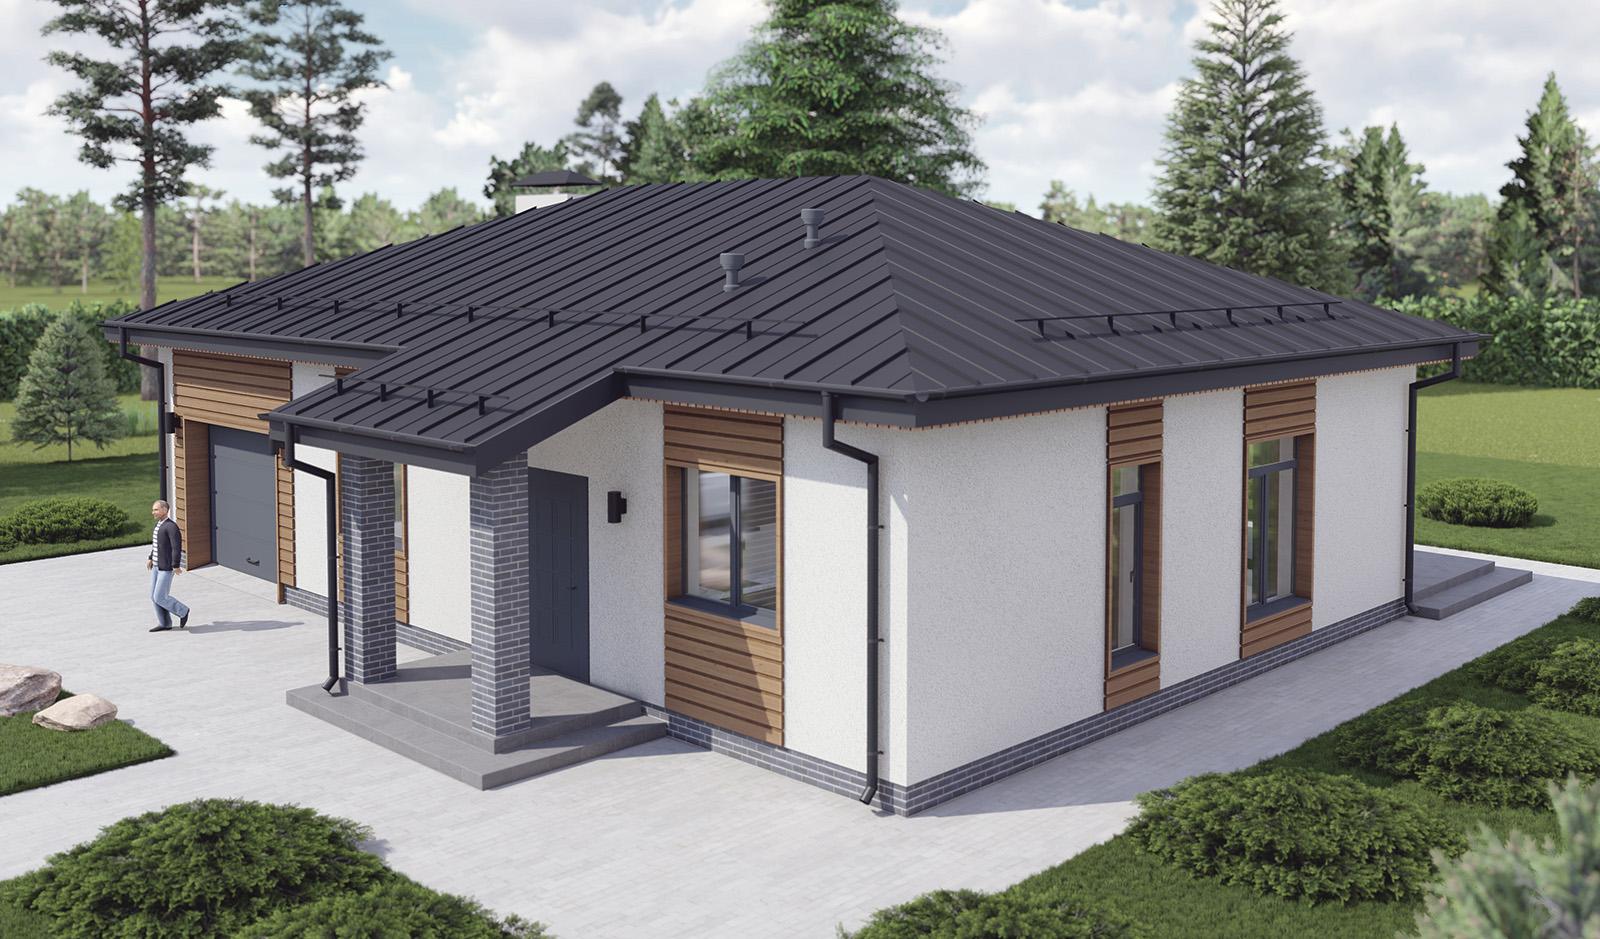 Проект дома 10 на 15 метров с гаражом